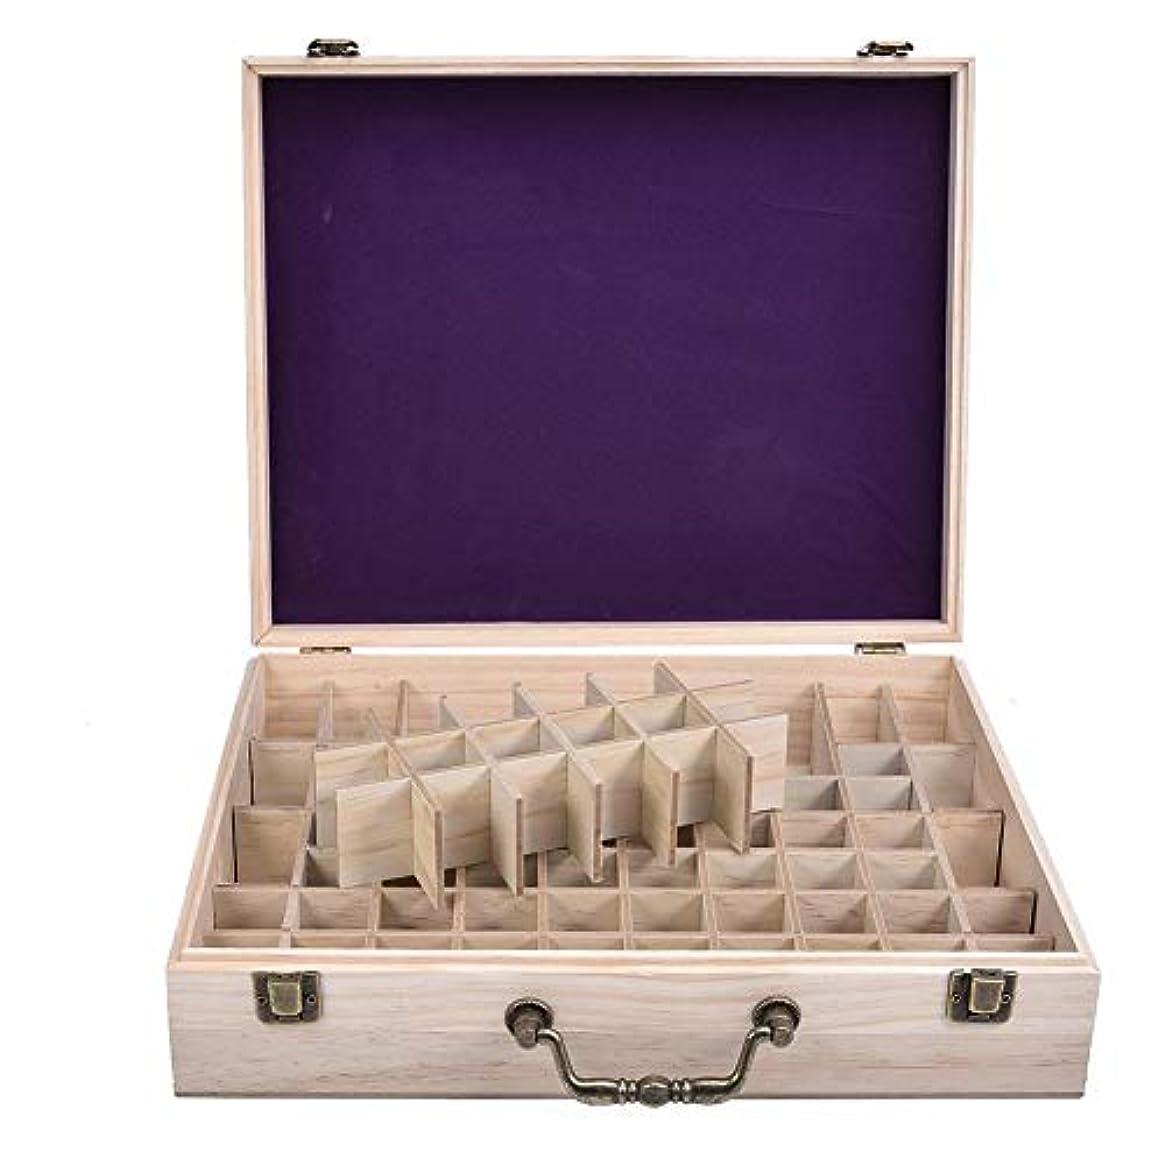 個性子猫口述エッセンシャルオイル収納ケース 精油収納ボックス 木製 72本収納可能 大容量 取り外し可能なグリッド 5ml?10ml?15ml?115mlの精油ボルトに対応 junexi